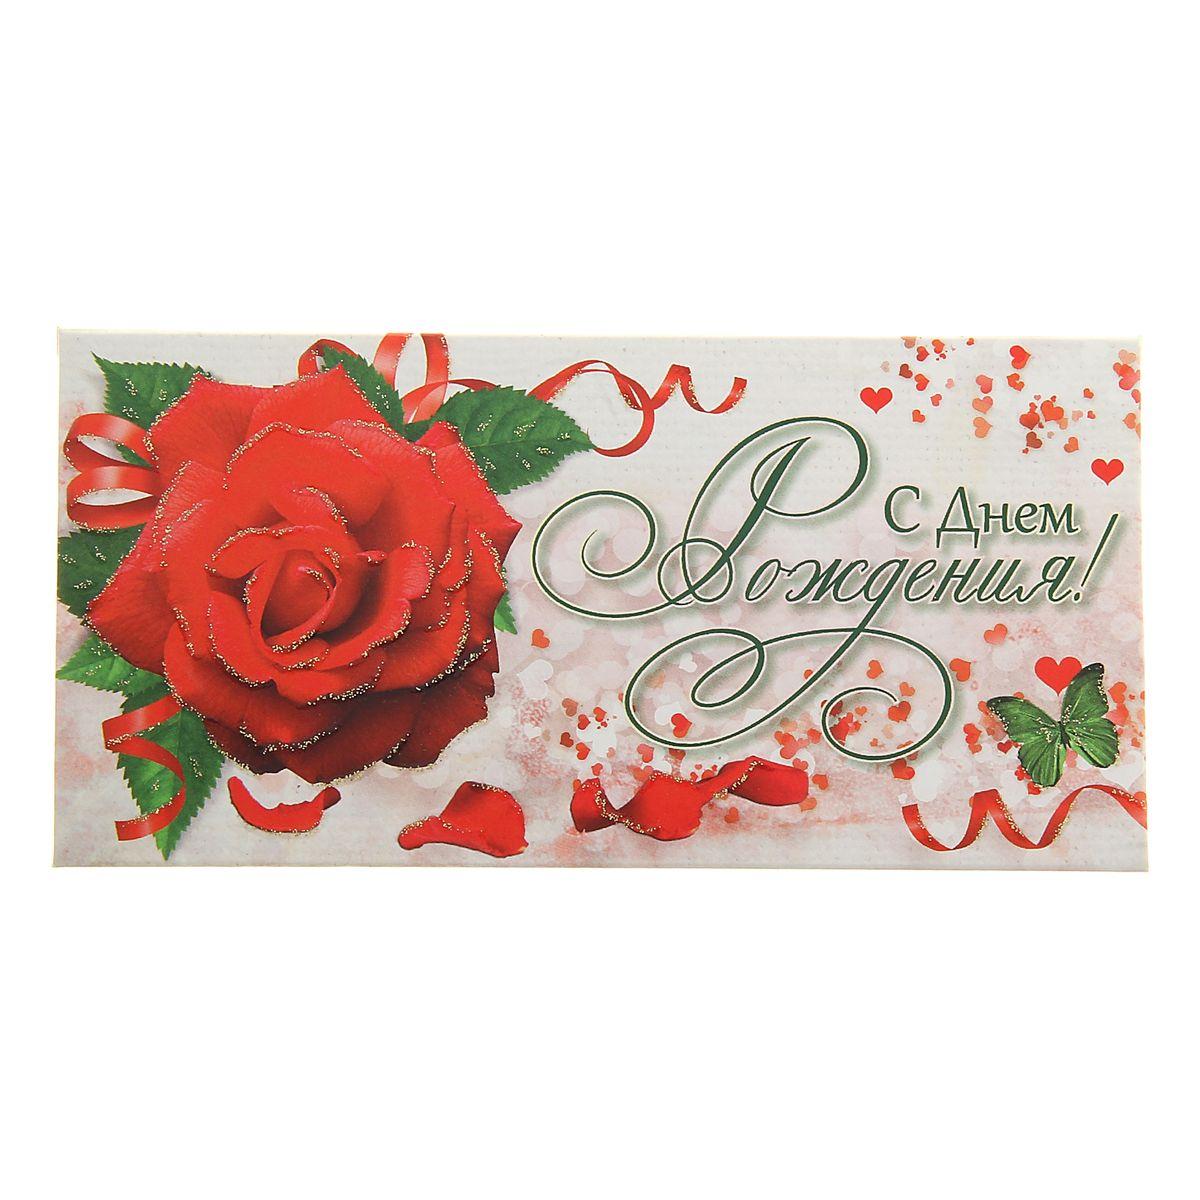 Конверт для денег Квадра С Днем Рождения! Красная роза. 10632401063240Конверт для денег Квадра С Днем Рождения! Красная роза выполнен из плотной бумаги и украшен яркой картинкой с изображением розы и бабочки. Это необычная красивая одежка для денежного подарка, а так же отличная возможность сделать его более праздничным и создать прекрасное настроение! Конверт Квадра С Днем Рождения! Красная роза - идеальное решение, если вы хотите подарить деньги.